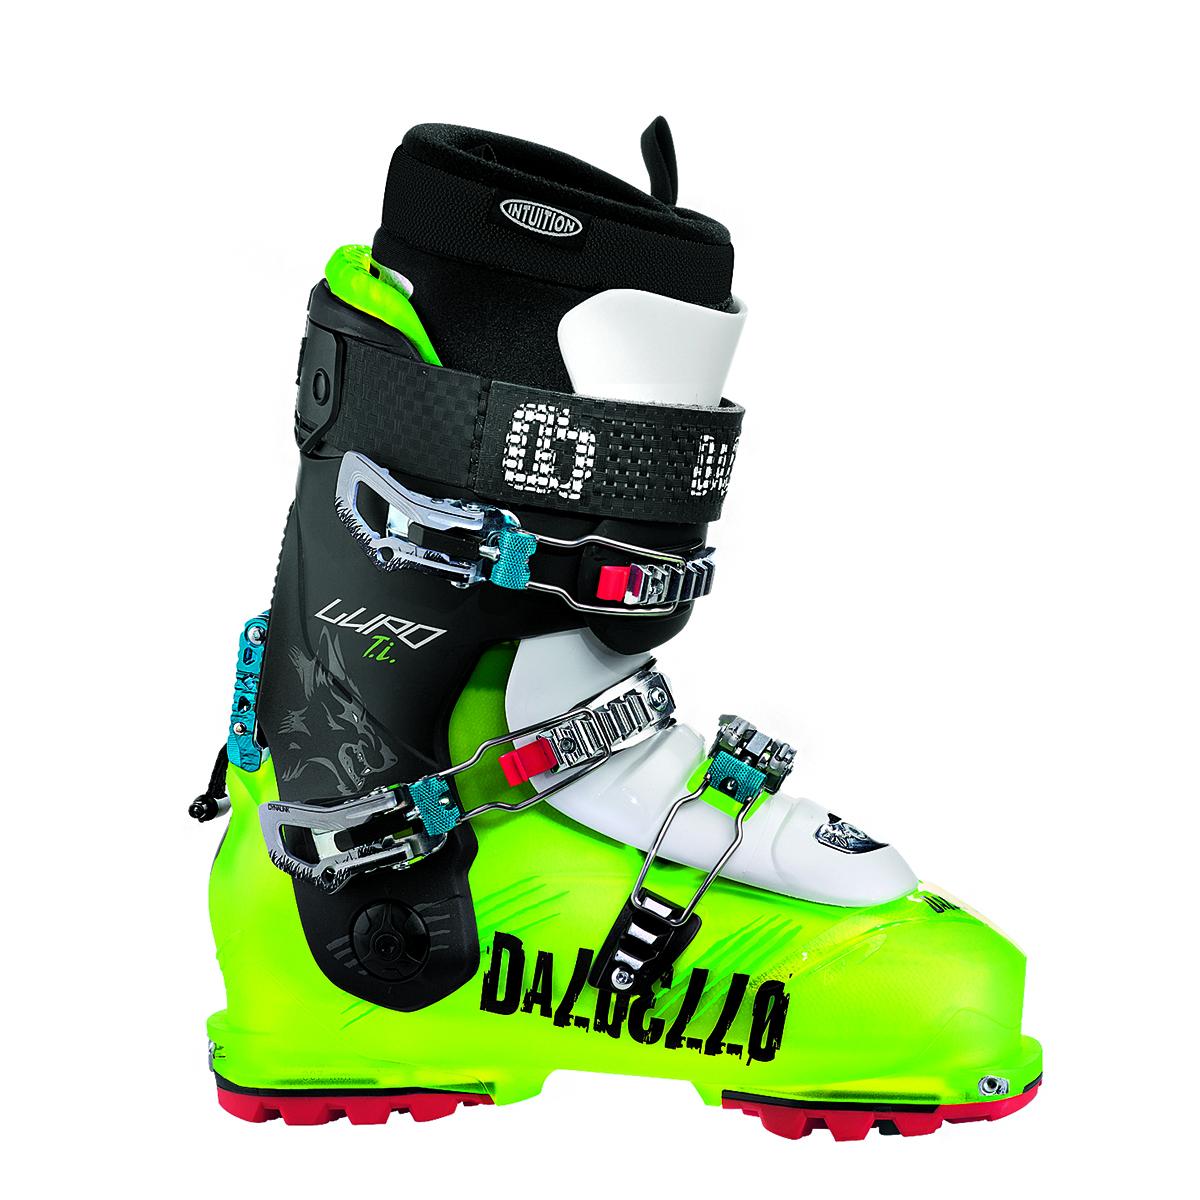 Dalbello Lupo T I I D 2016 Hybrid Ski Boots Epictv Shop